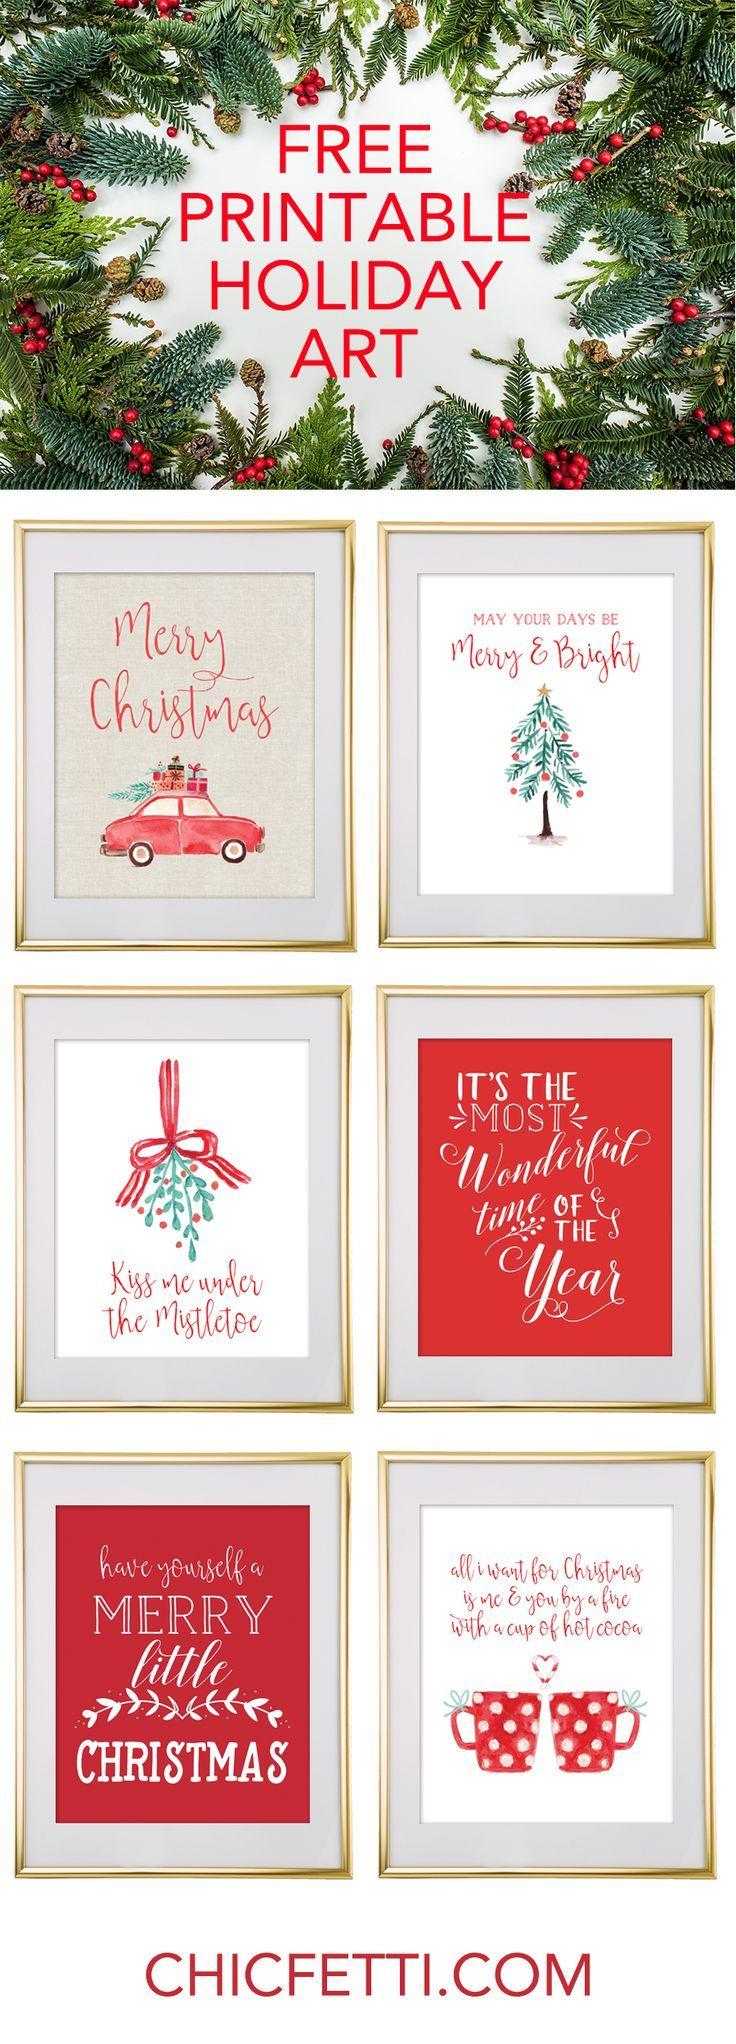 Christmas Free Printable Wall Art Free Christmas Printables Christmas Diy Free Christmas